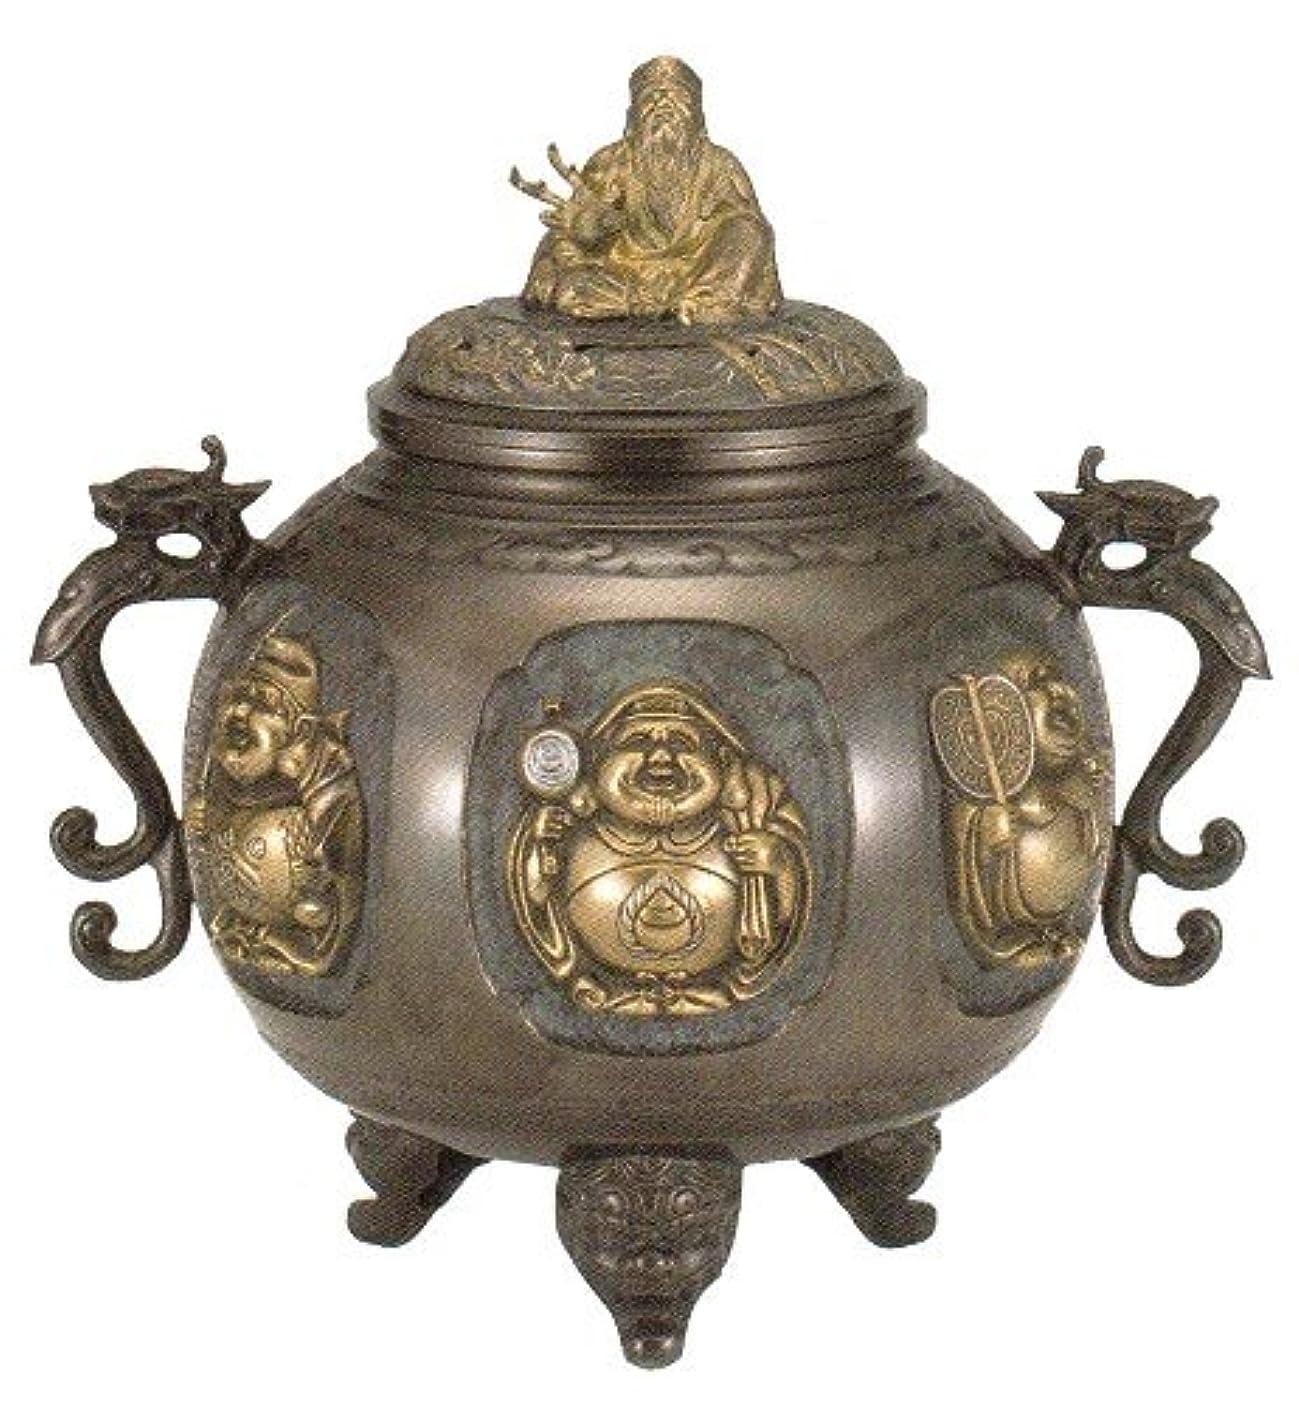 信頼赤字製作香炉 特大 七福神(さしメッキ)高岡銅器 青銅製 高さ31×幅30×奥行24.5cm